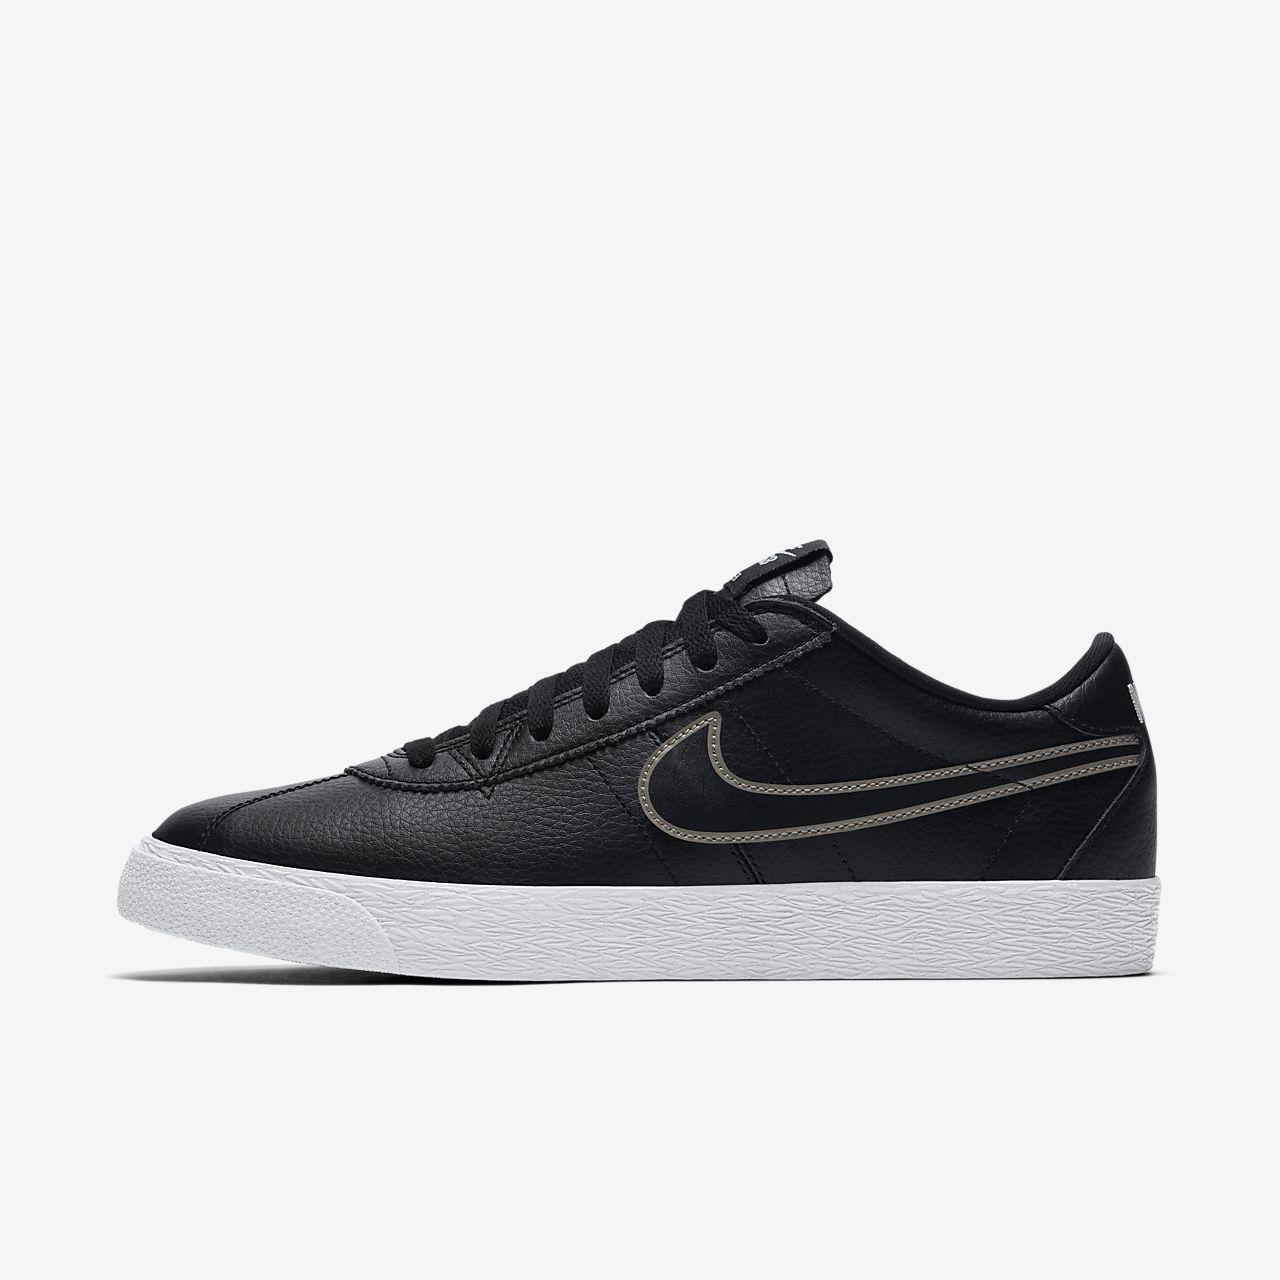 ... Nike SB Zoom Bruin Premium SE Men's Skateboarding Shoe